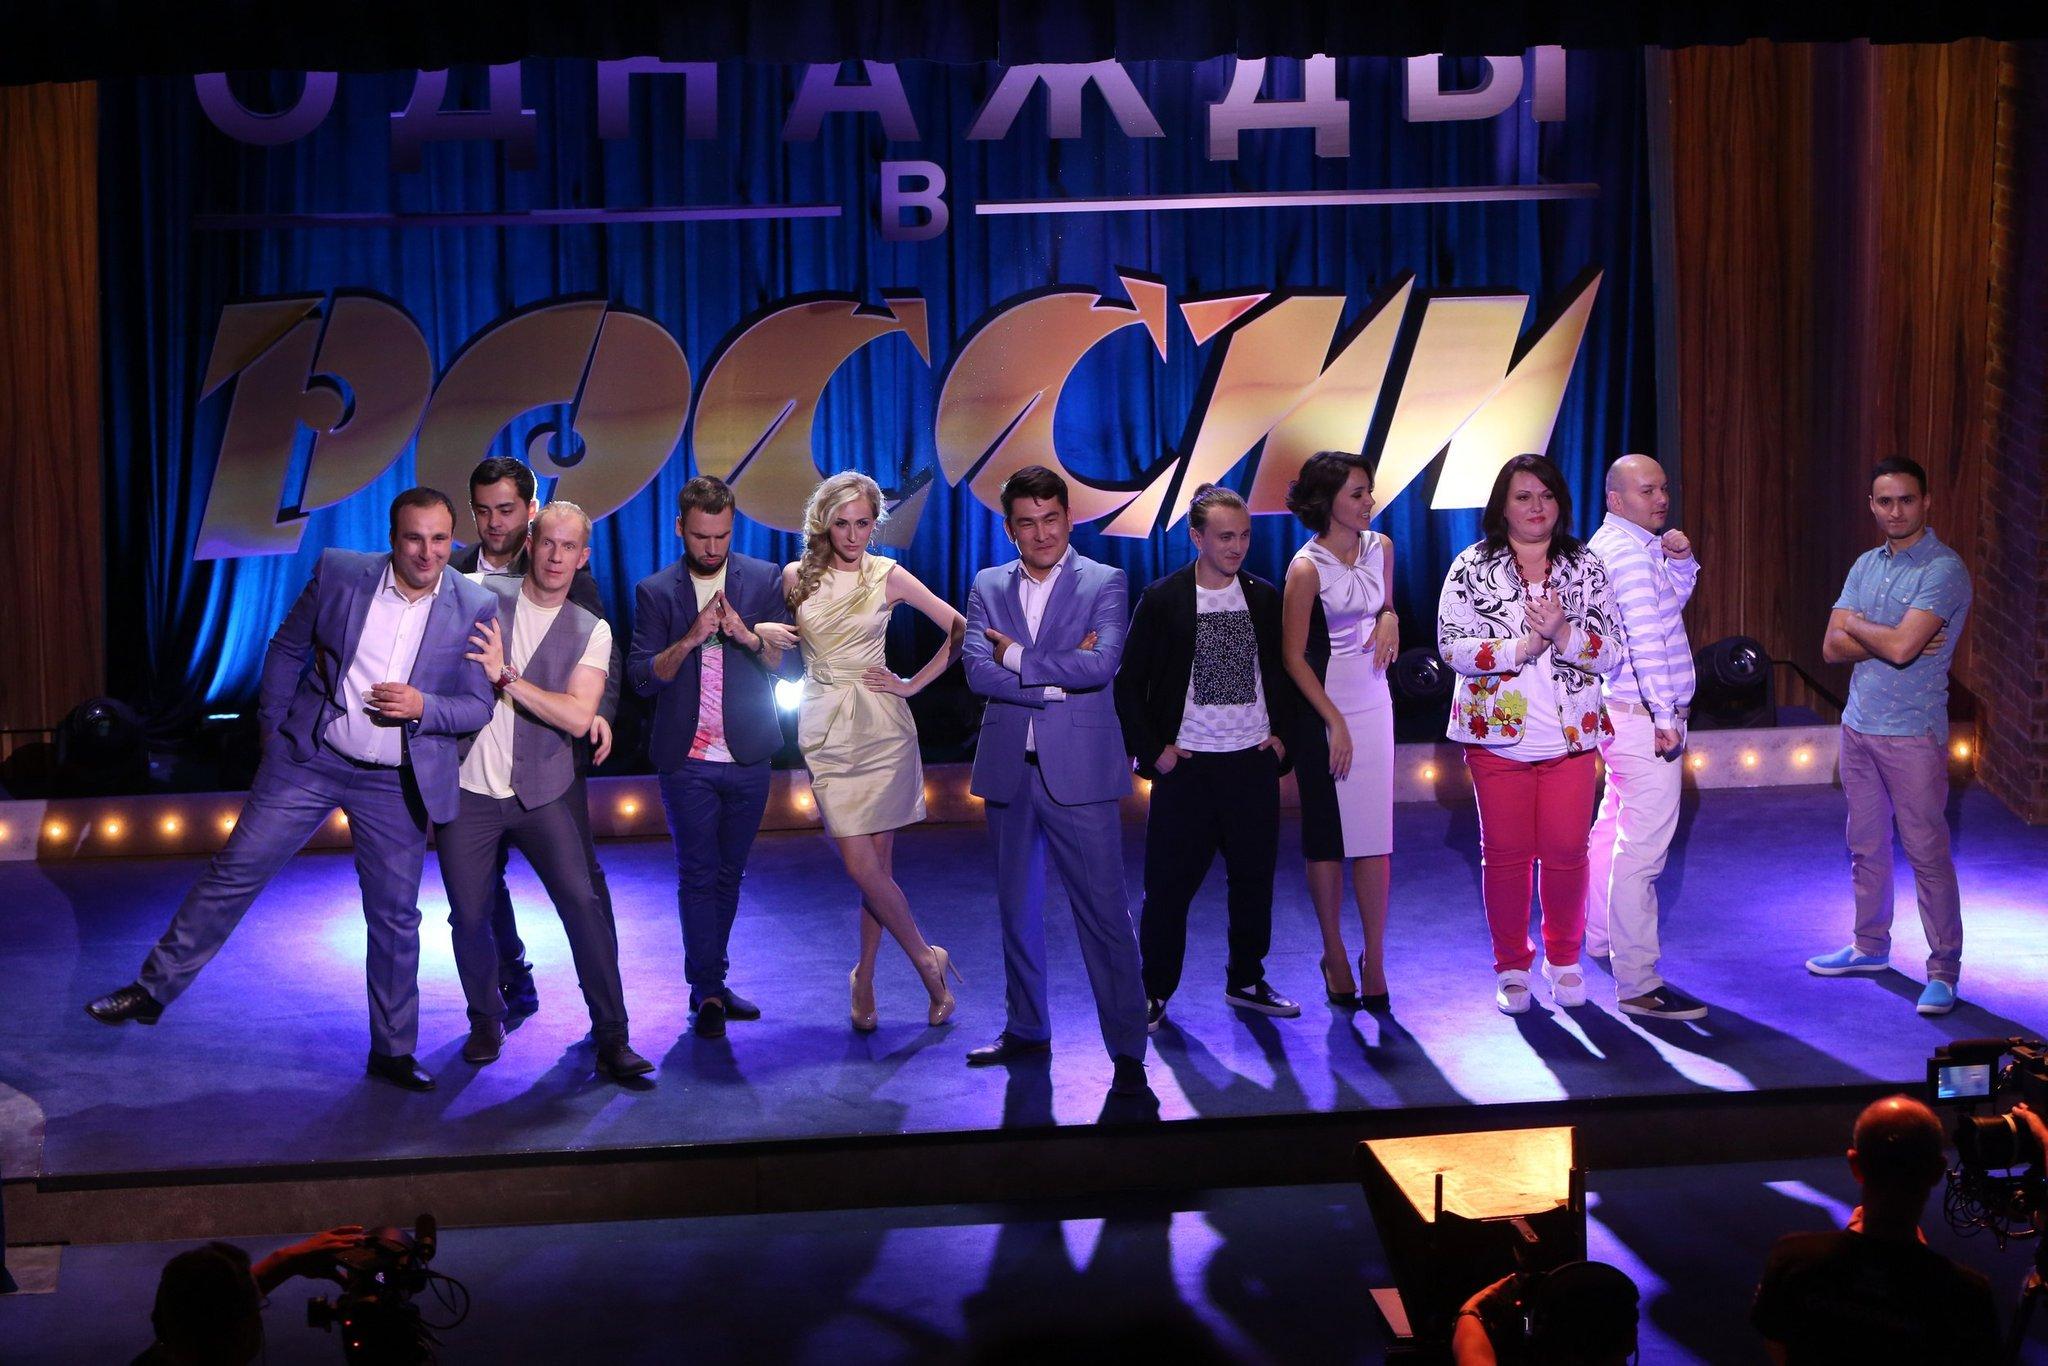 В шоу «Однажды в России» могут сделать пародию на осетинских исполнителей